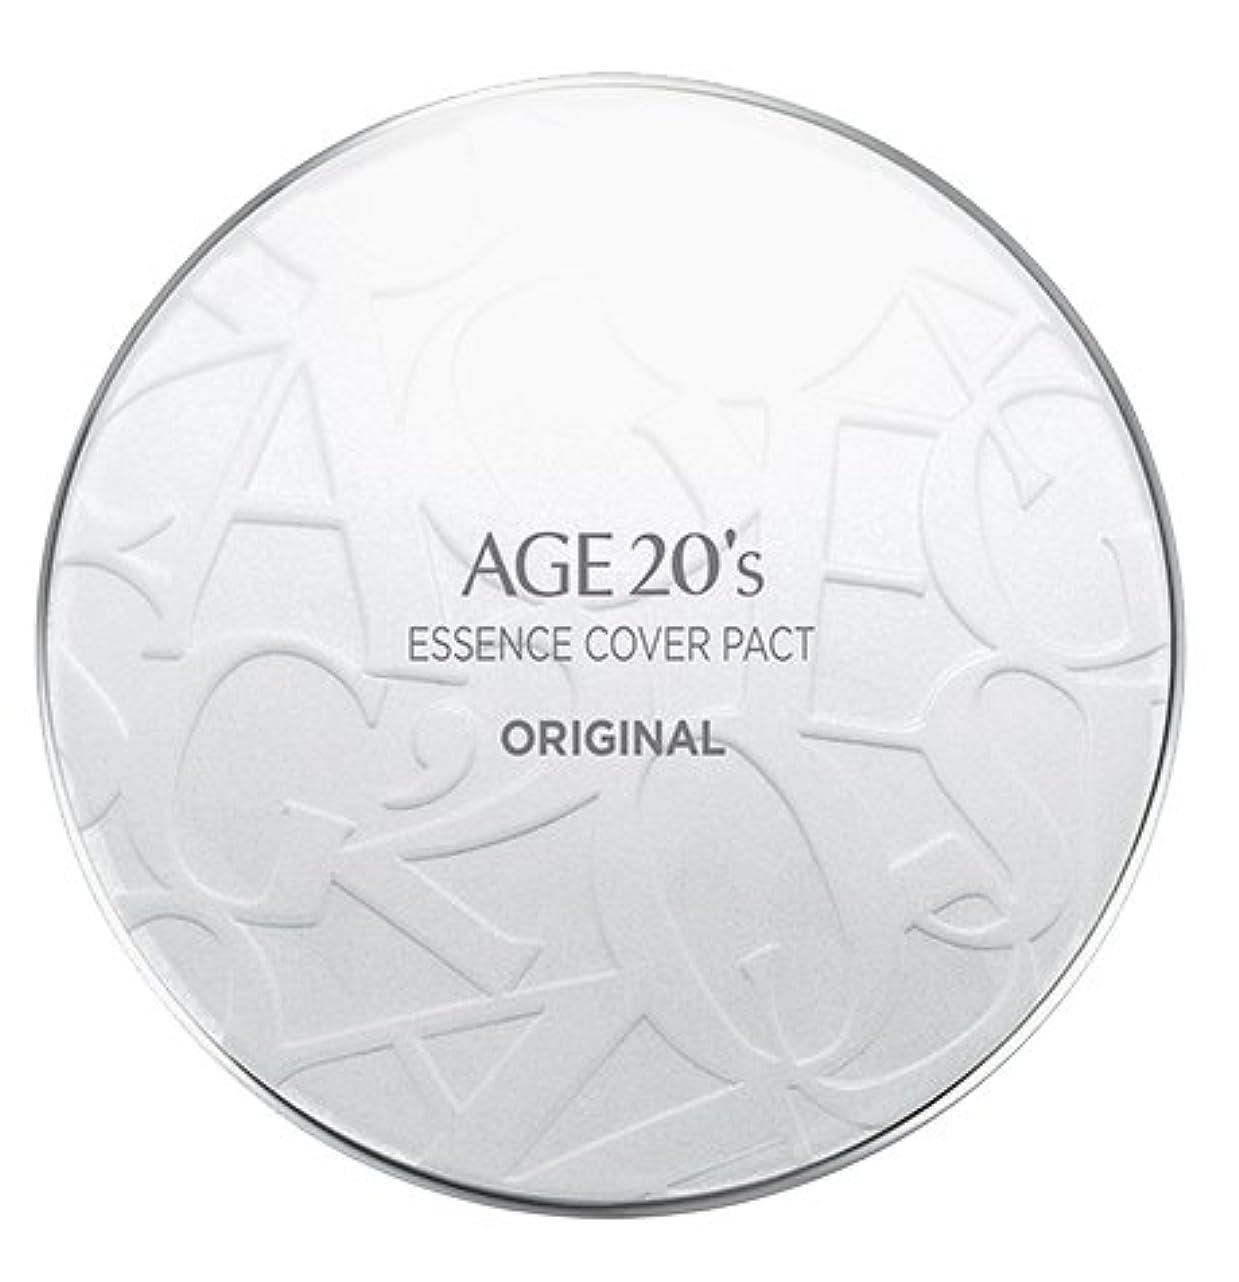 ライオン見せます枯渇AGE 20's Essence Cover Pact Original [White Latte] 12.5g + Refill 12.5g (#21)/エイジ 20's エッセンス カバー パクト オリジナル [ホワイトラテ...